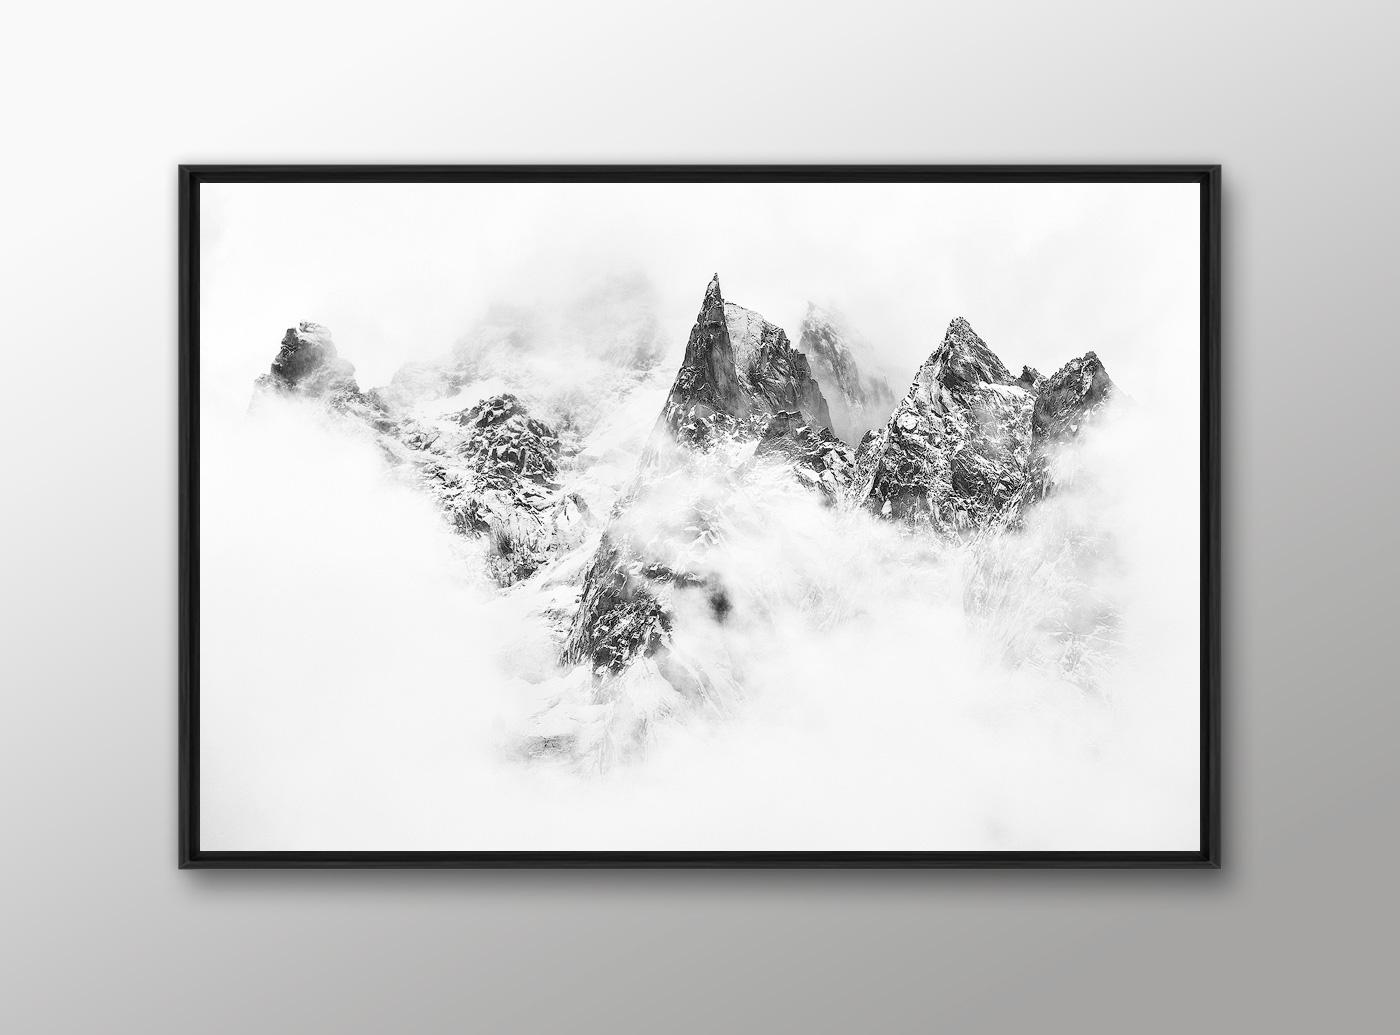 Idee cadeau photo montagne avec un tableau photo noir et blanc encadree